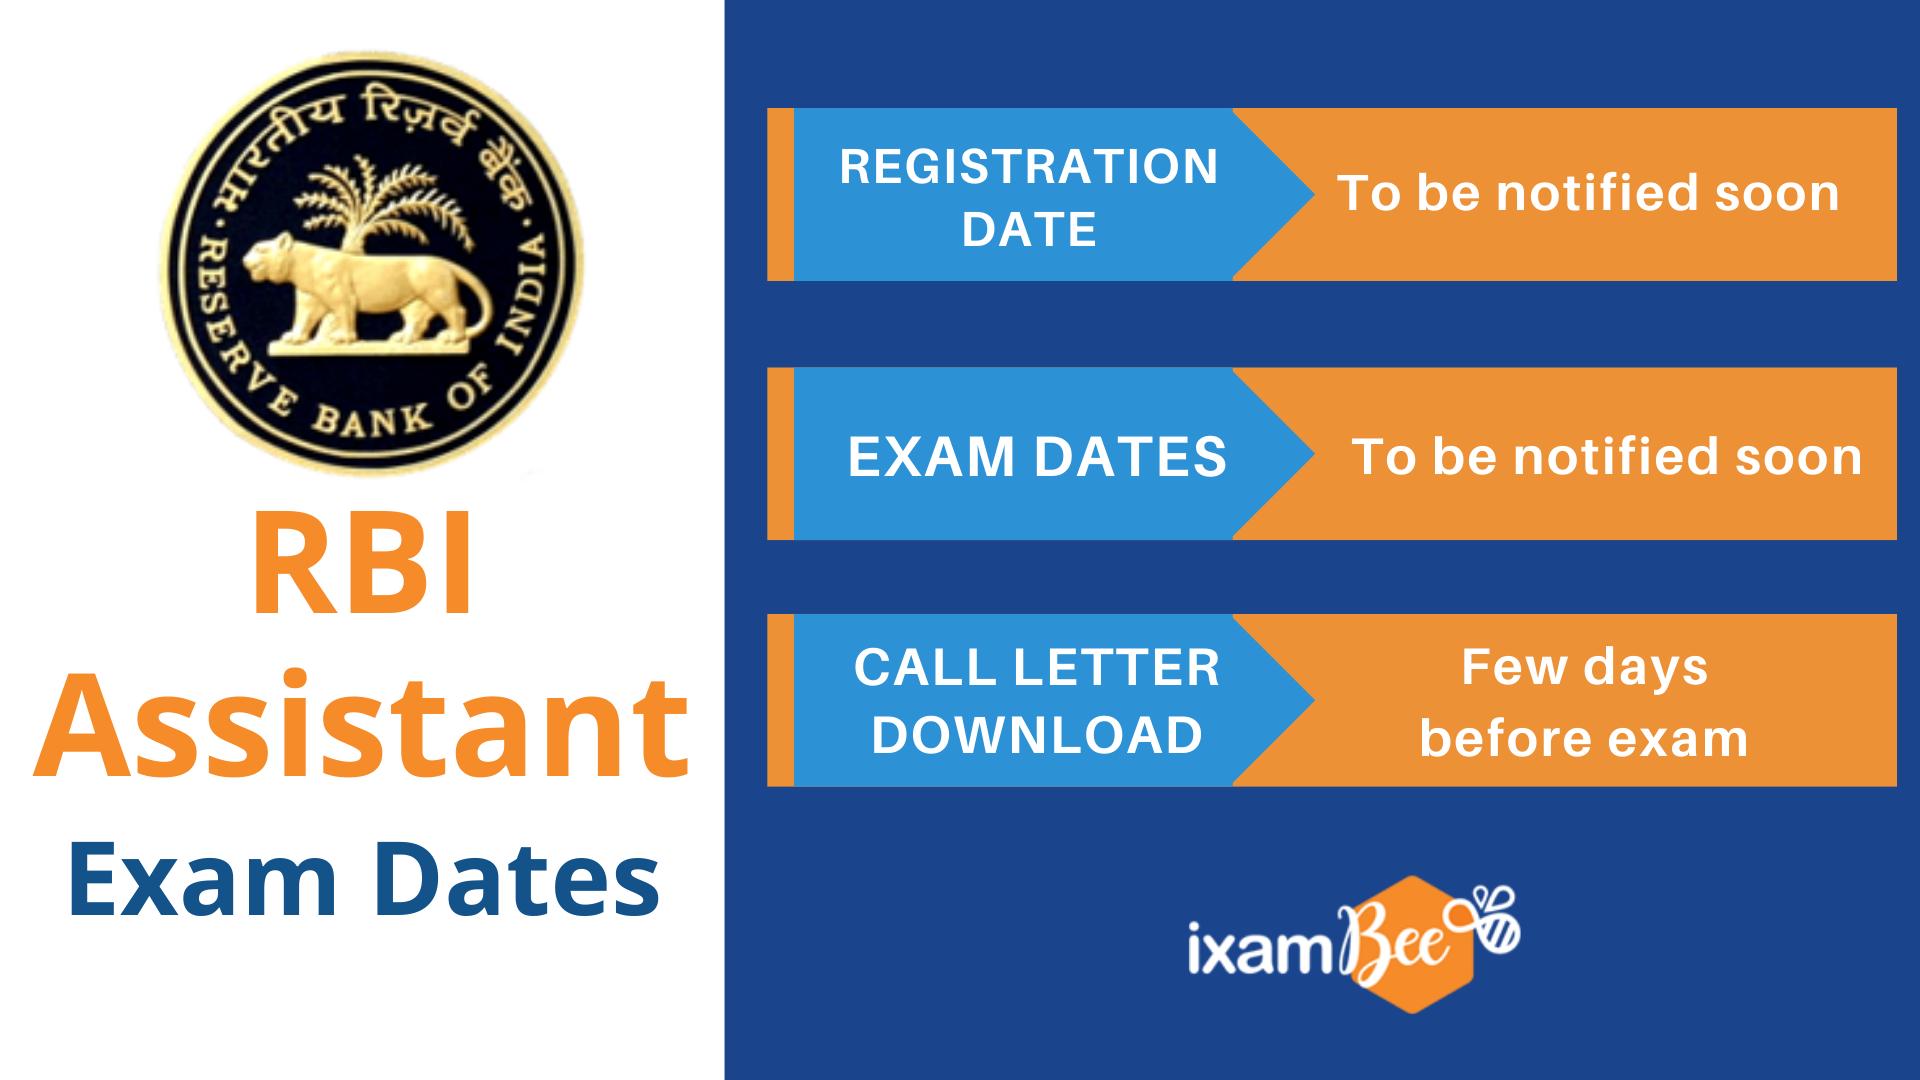 RBI Assistant Exam Dates